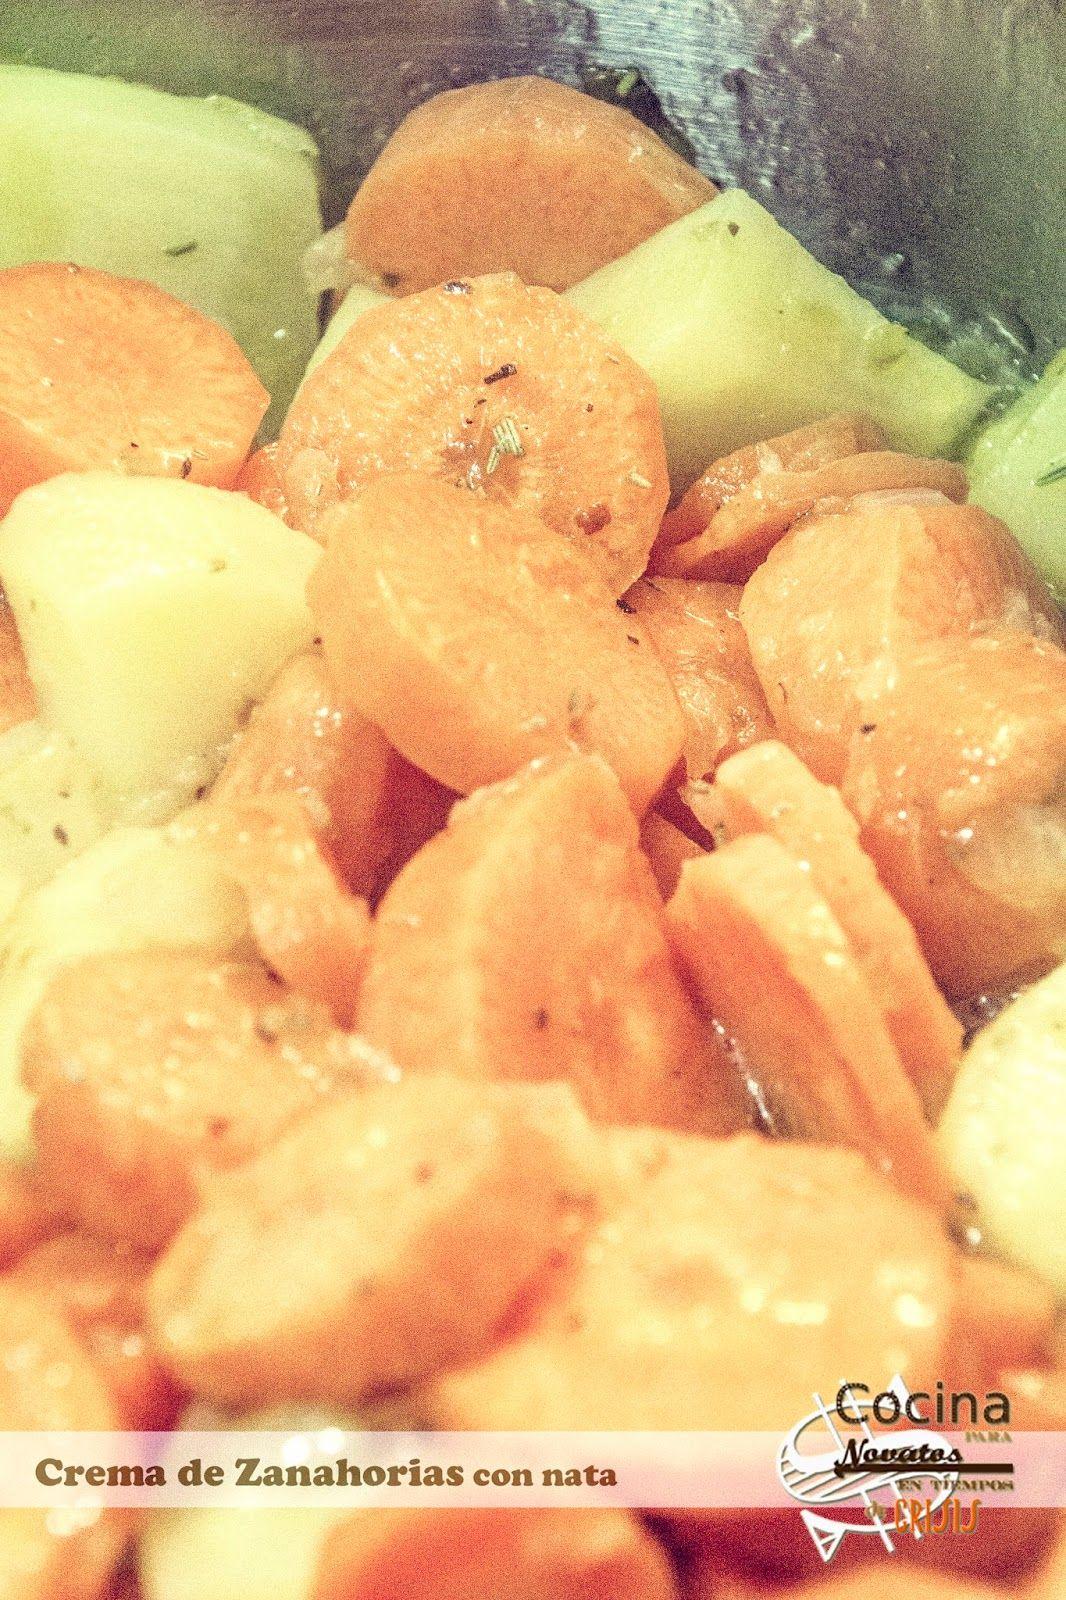 Cocina para novatos en tiempos de crisis crema de zanahoria con nata vegana pinterest - Cocina para novatos ...